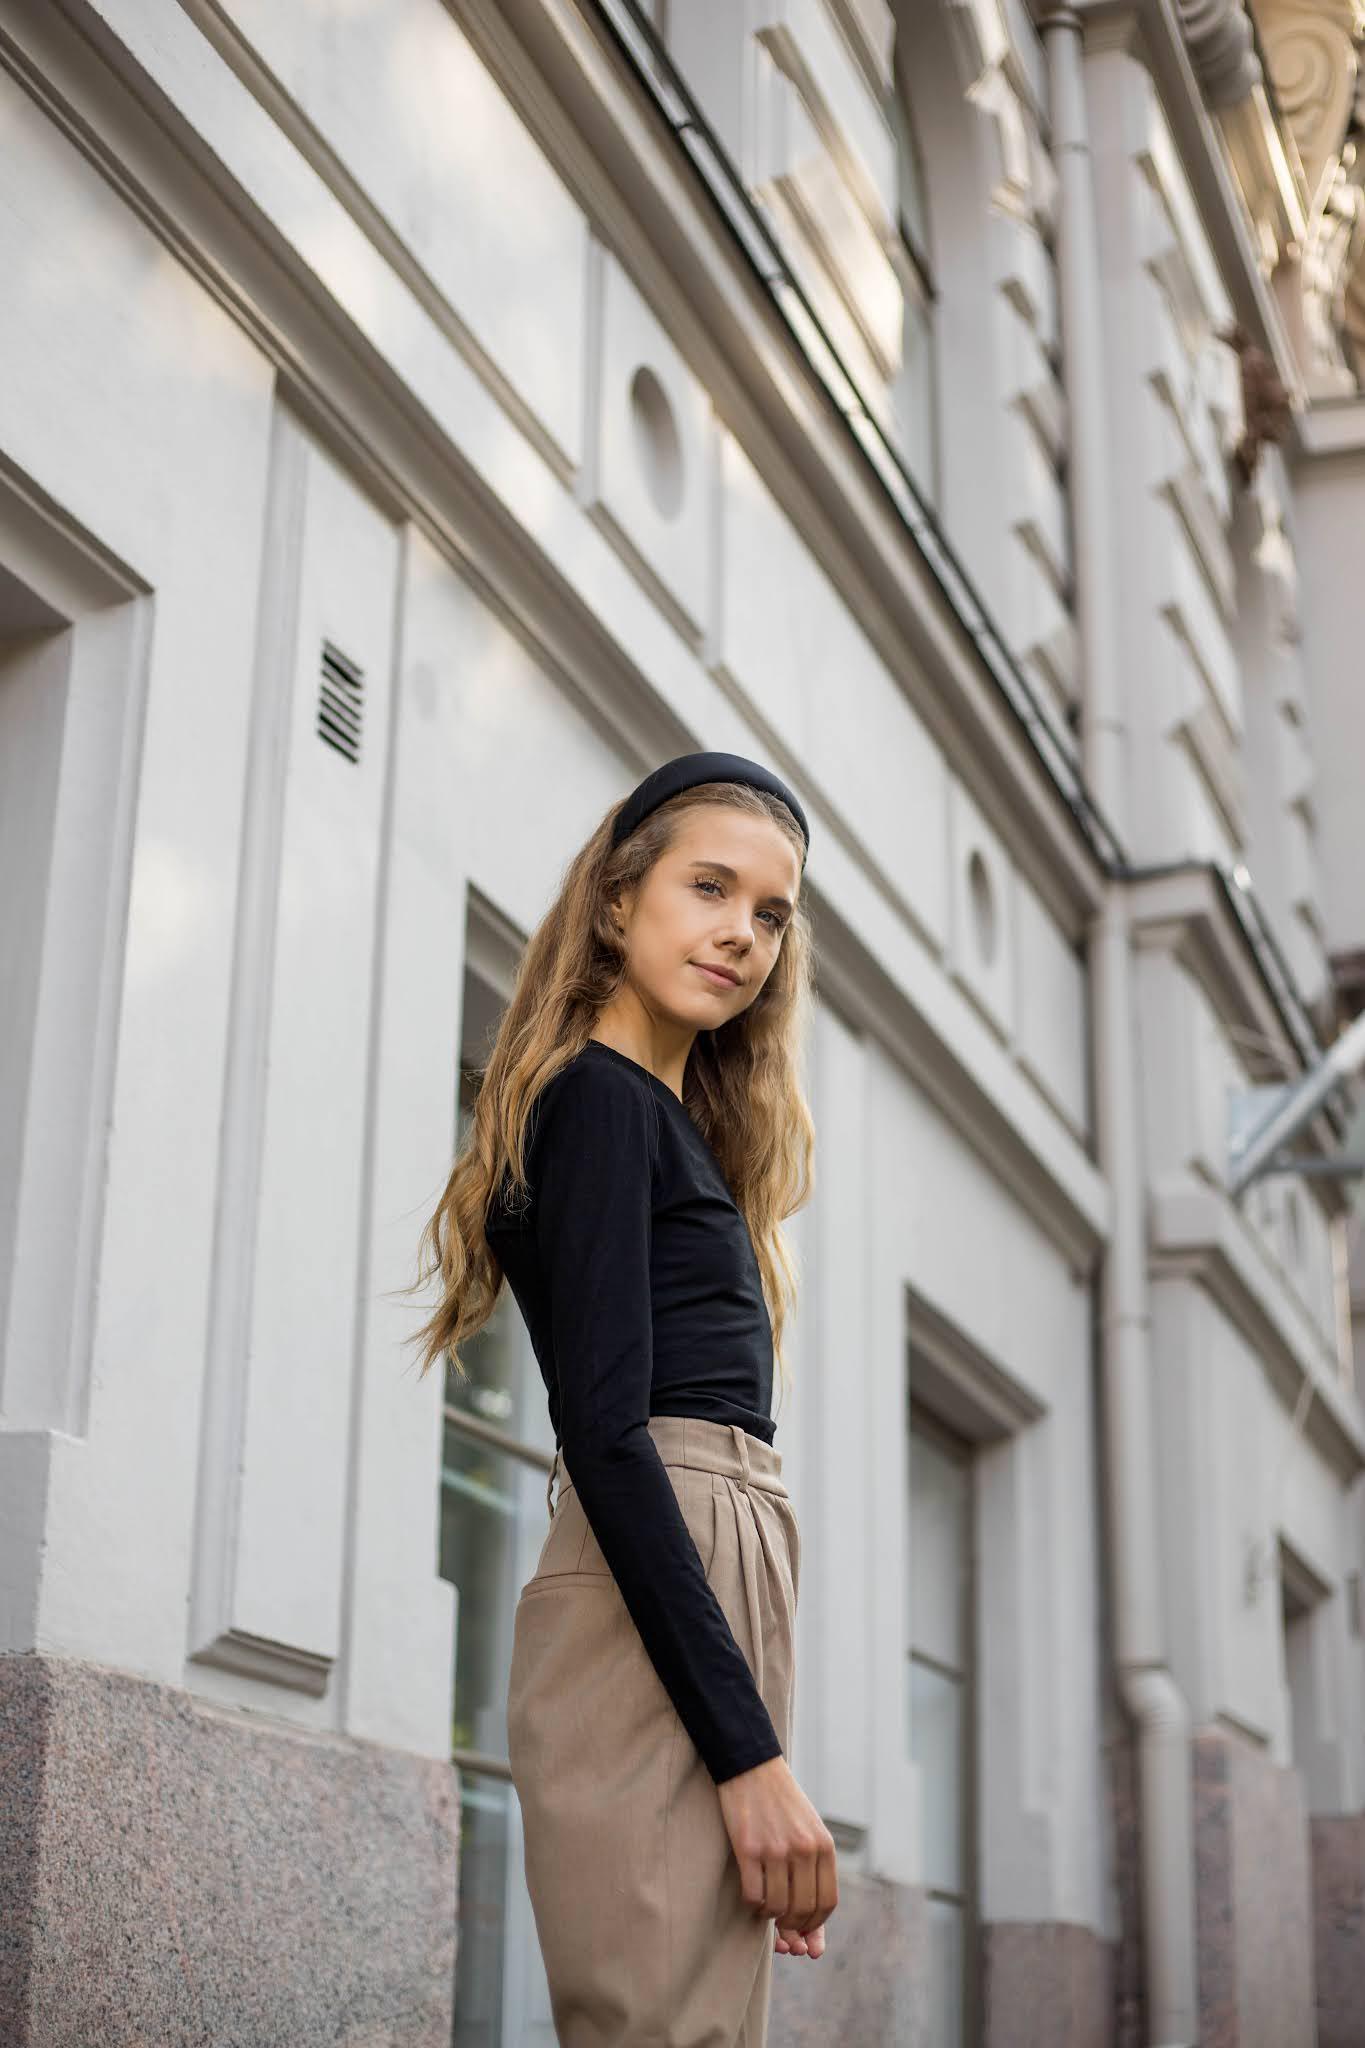 Tyylin kulmakivet, syyspukeutuminen 2021 // Style stapes, autumn fashion 2021